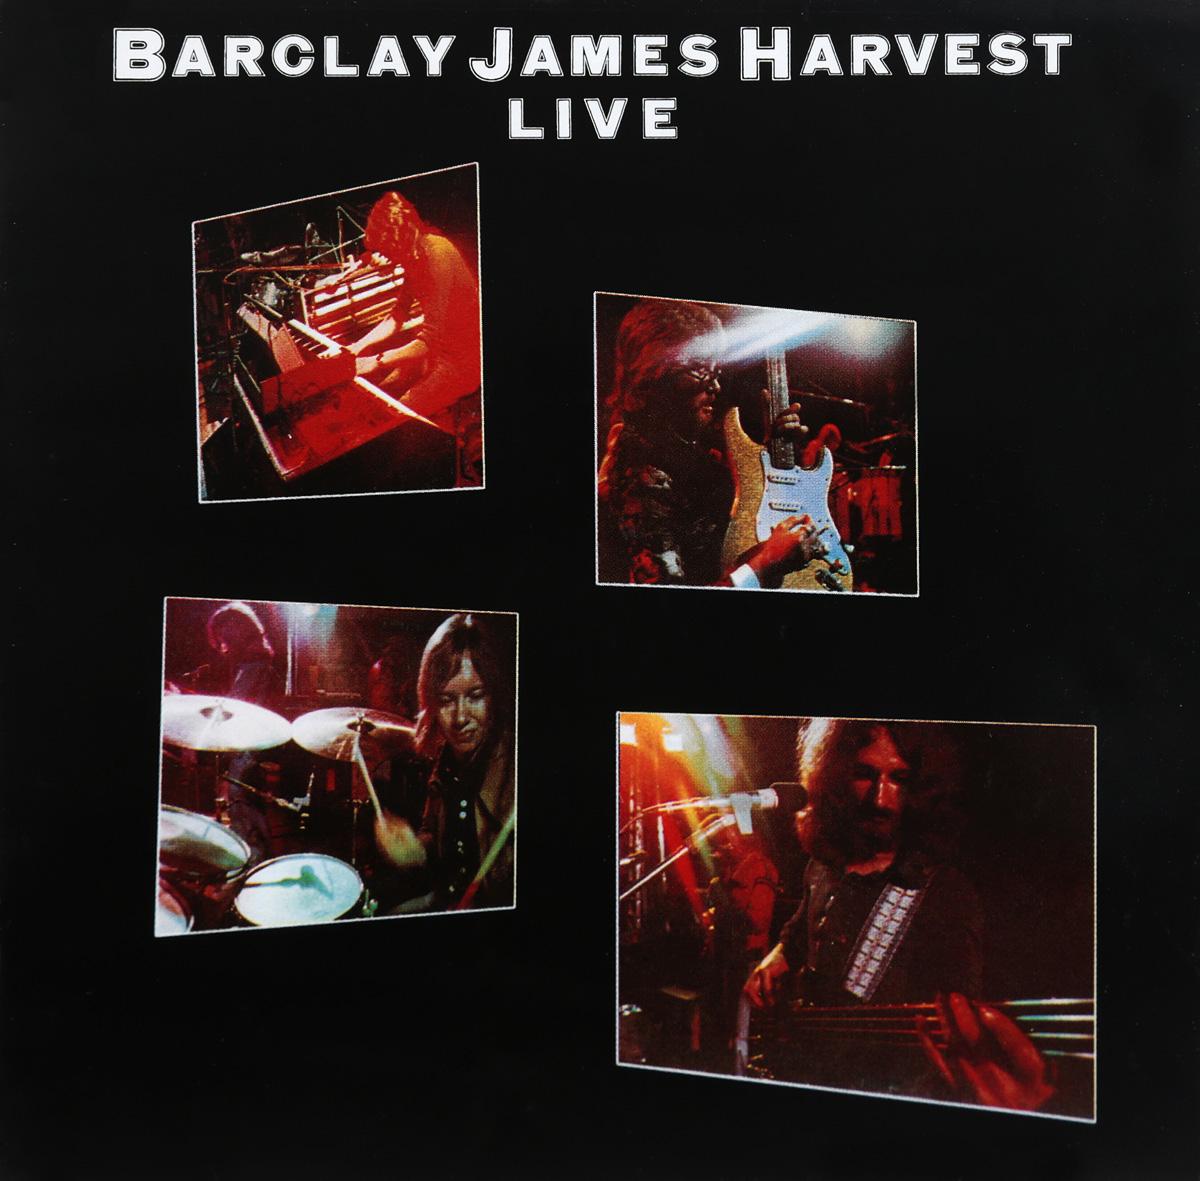 Barclay James Harvest Harvest. Live